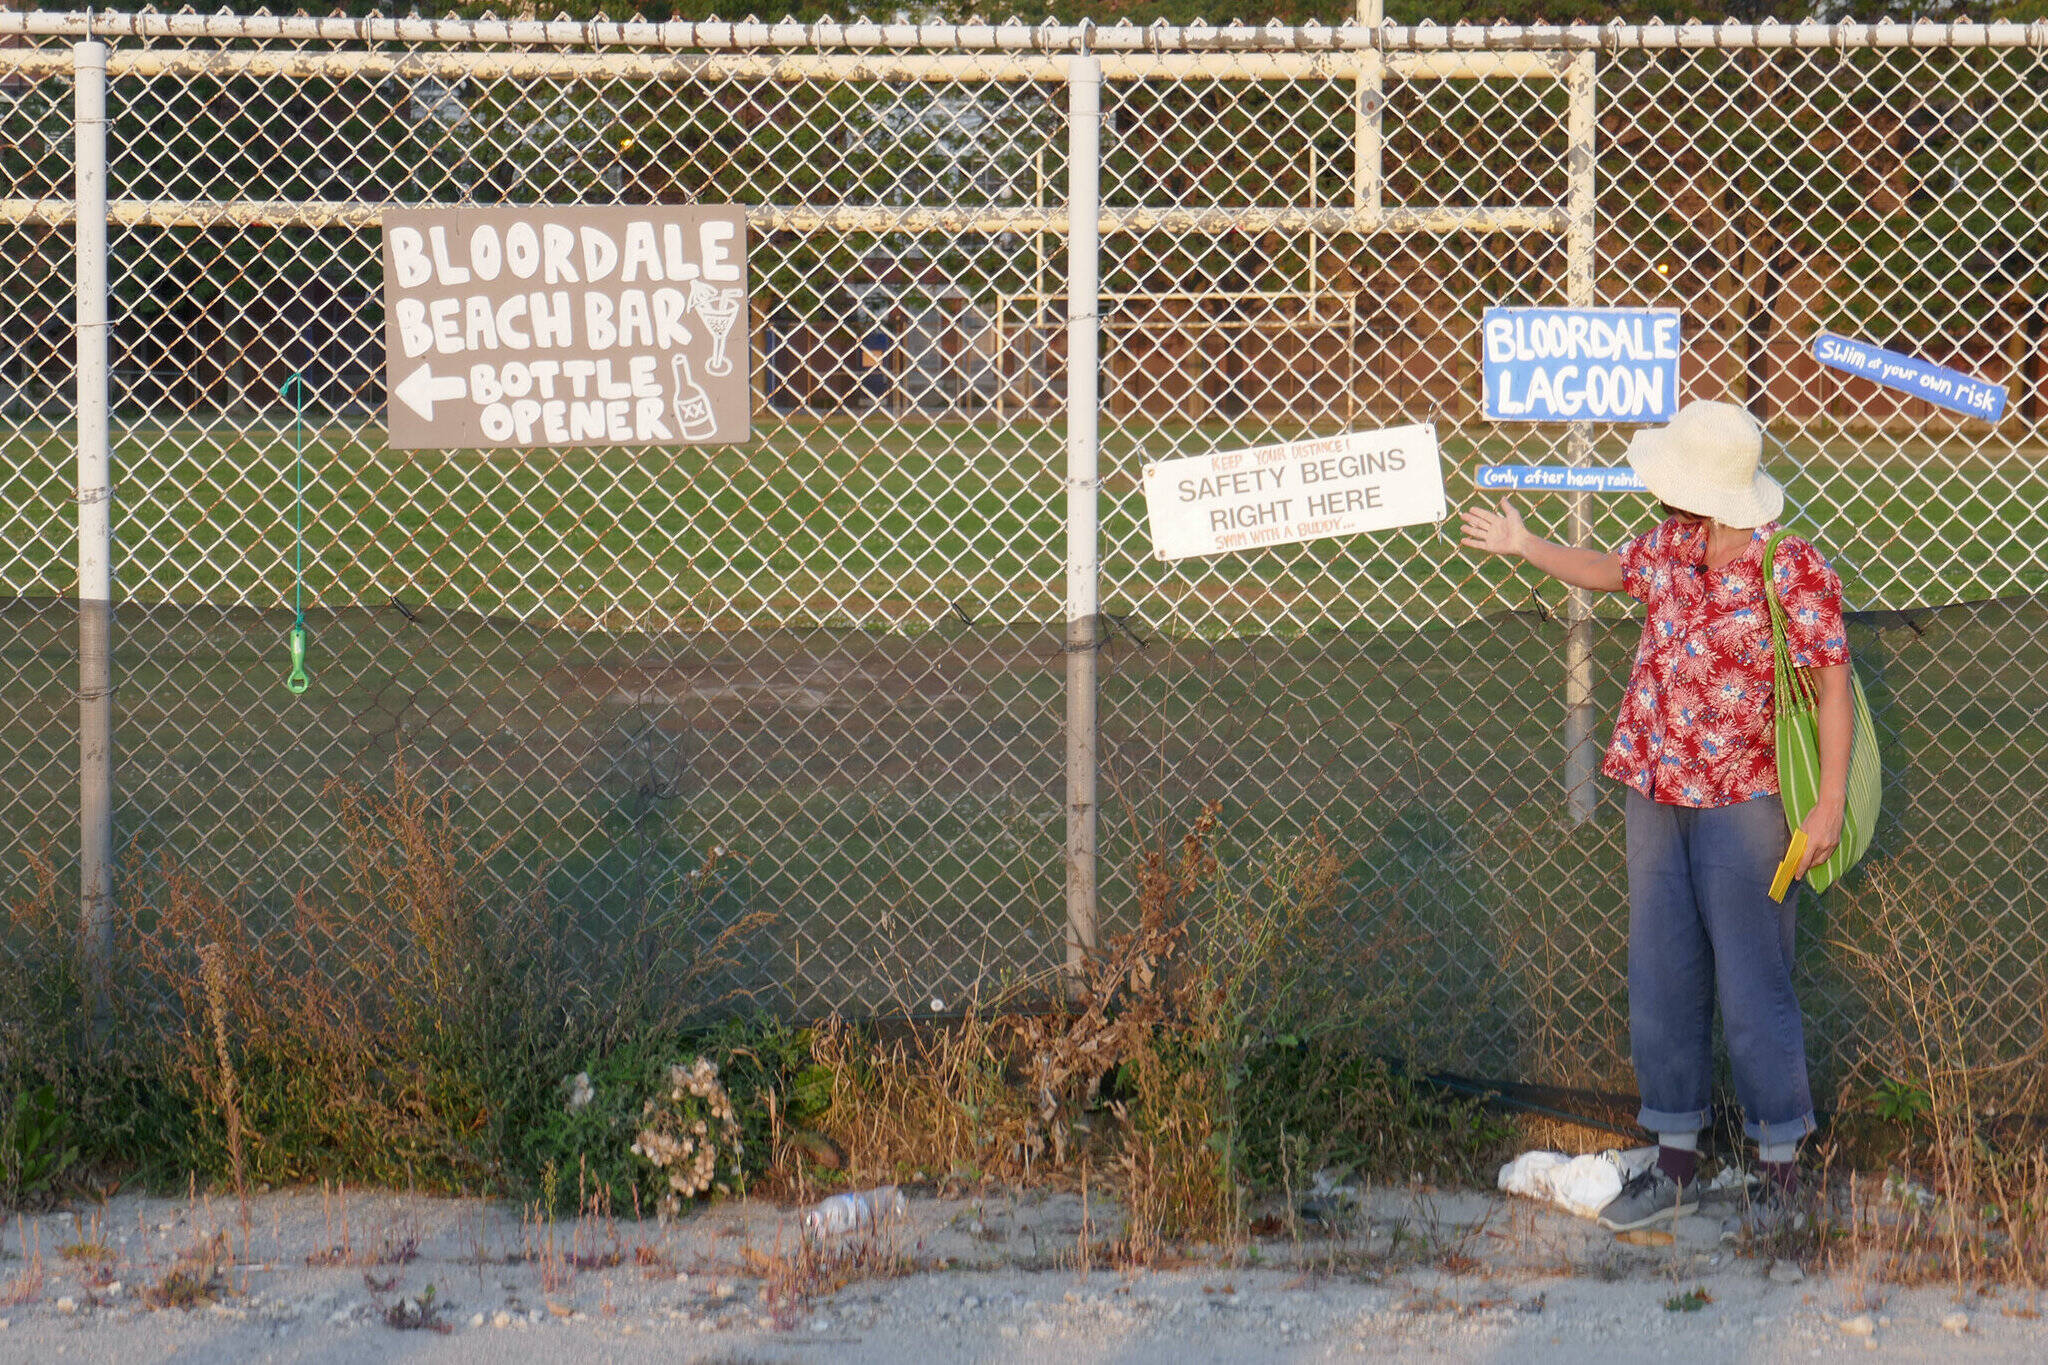 bloordale beach toronto